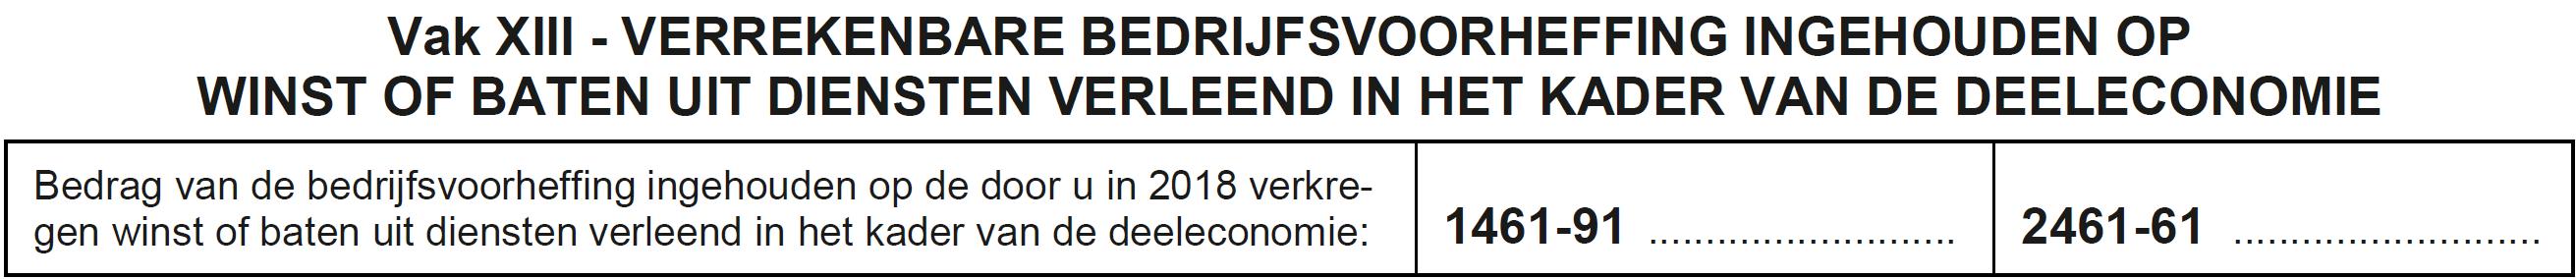 Vak IX Federaal bv deeleconomie